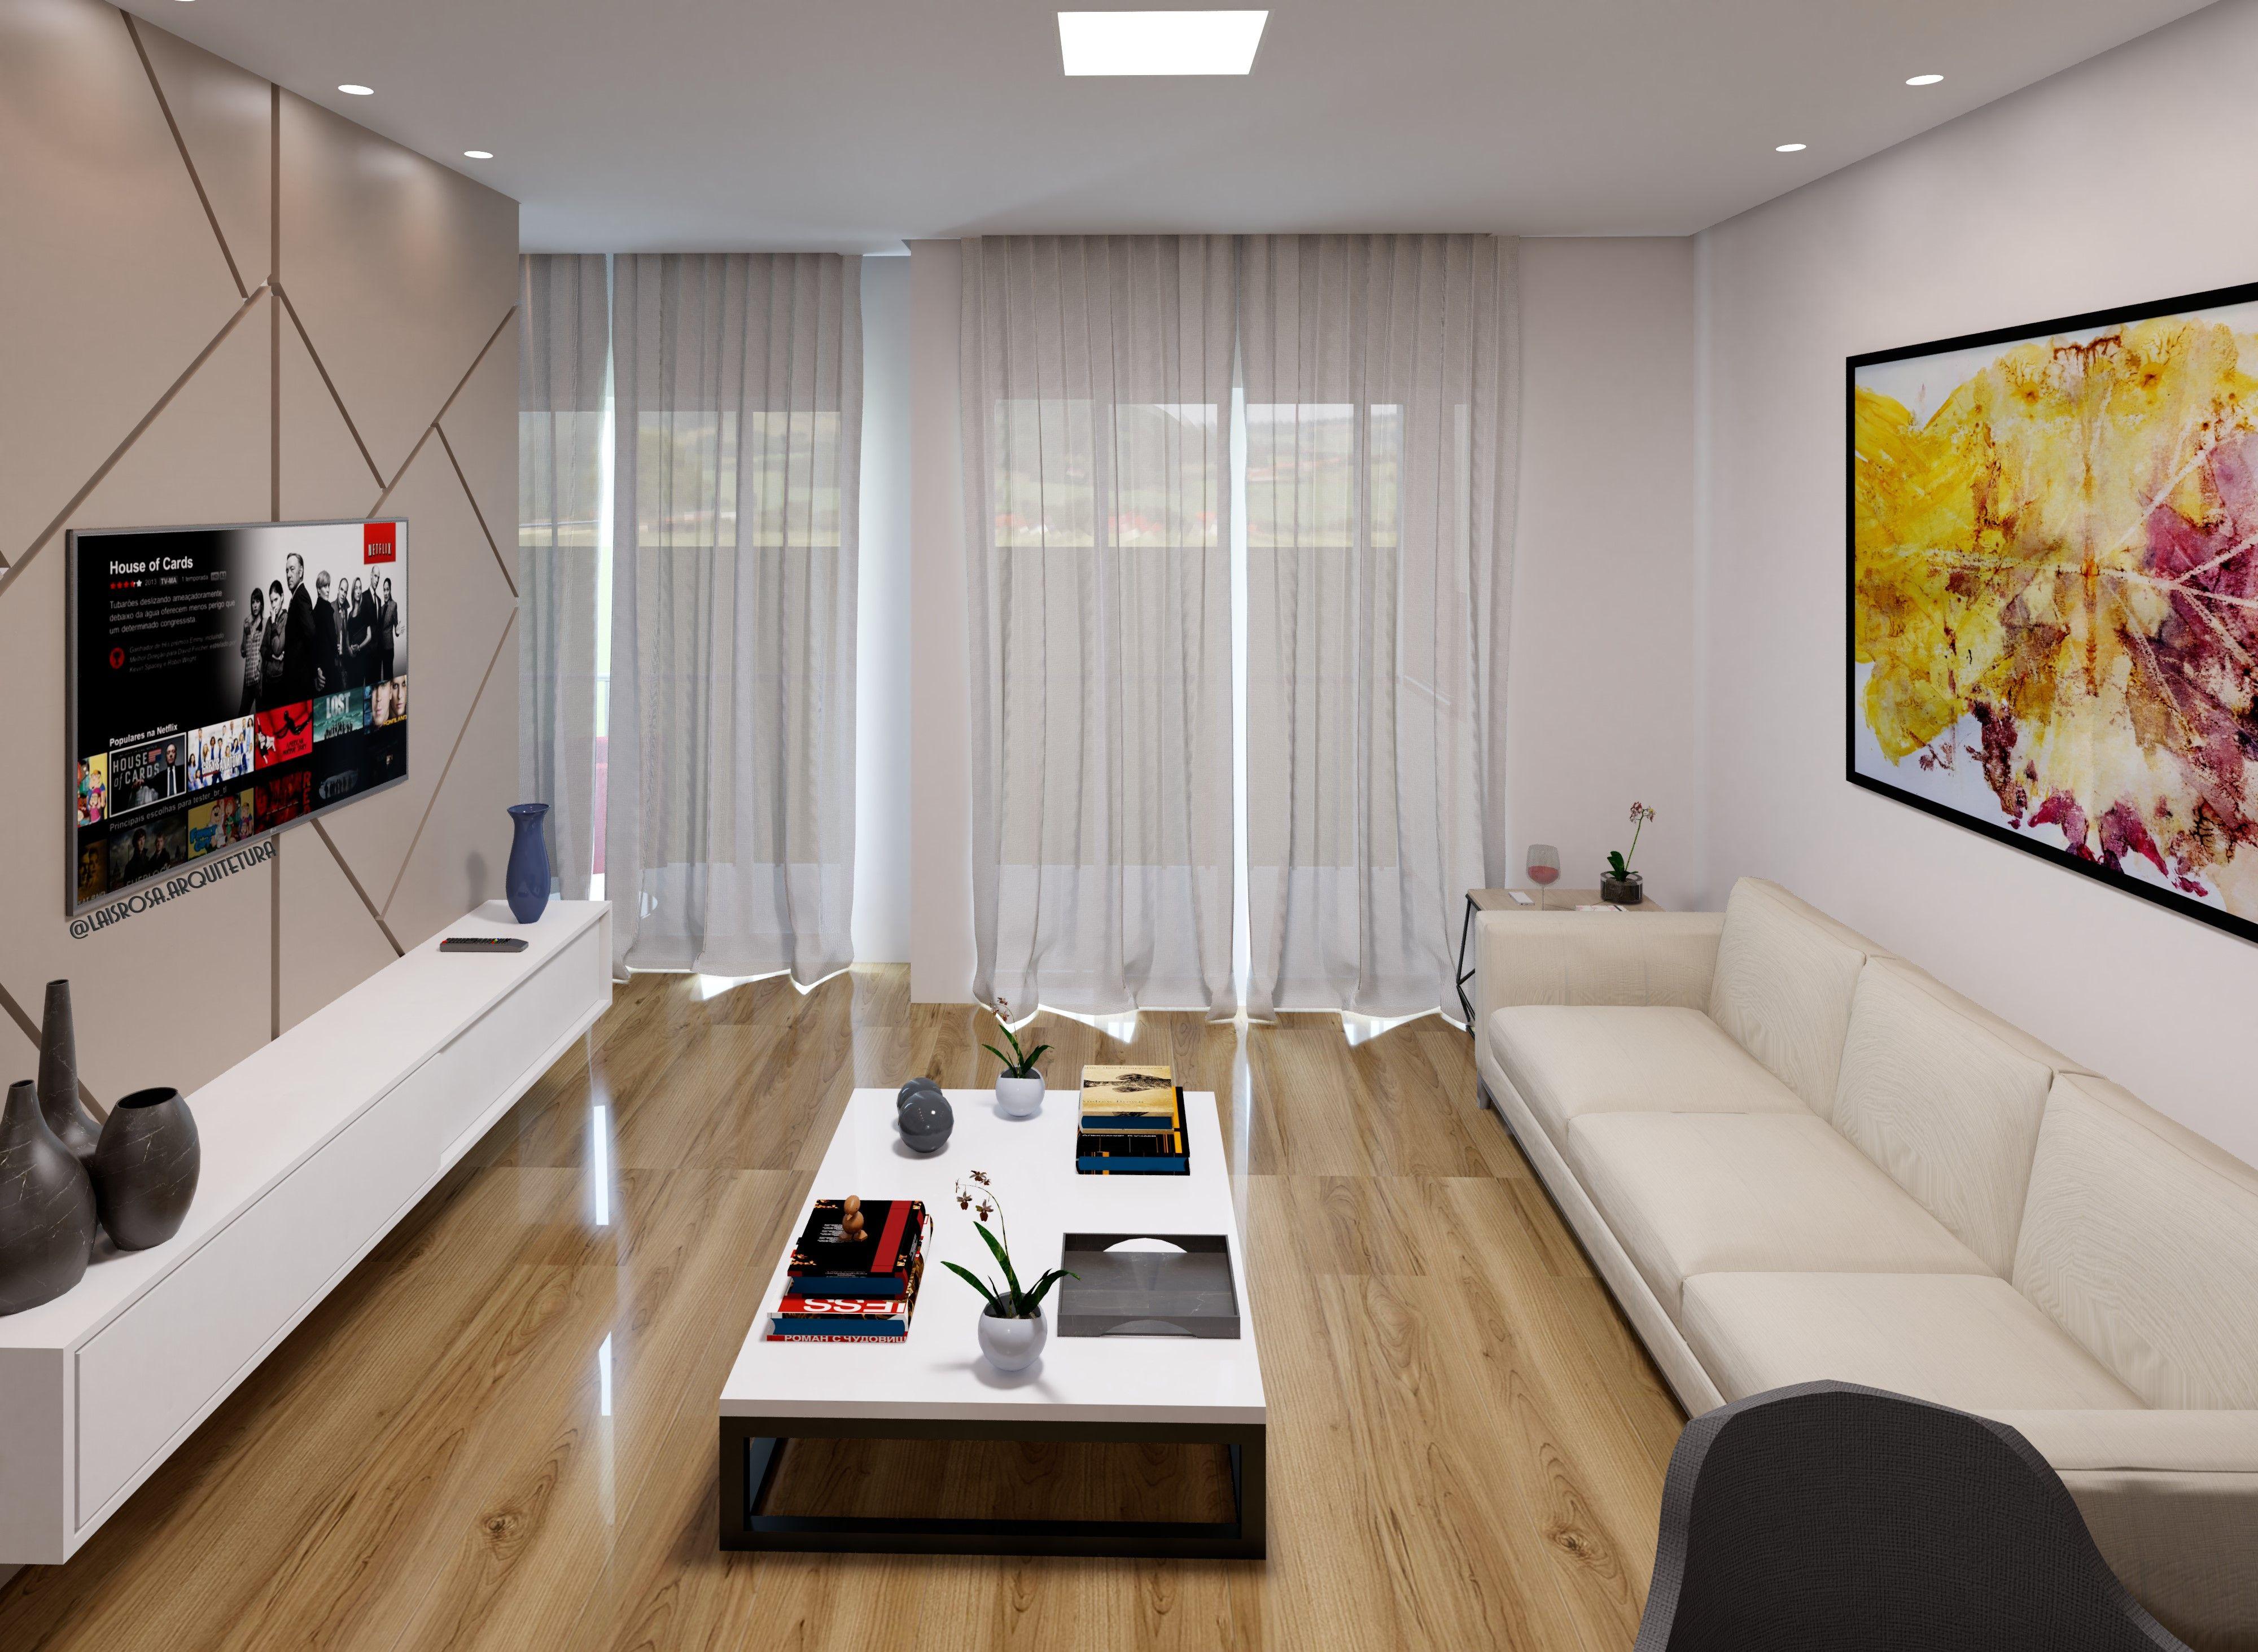 Sala de Estar | Interiores, Cores claras, Decoração